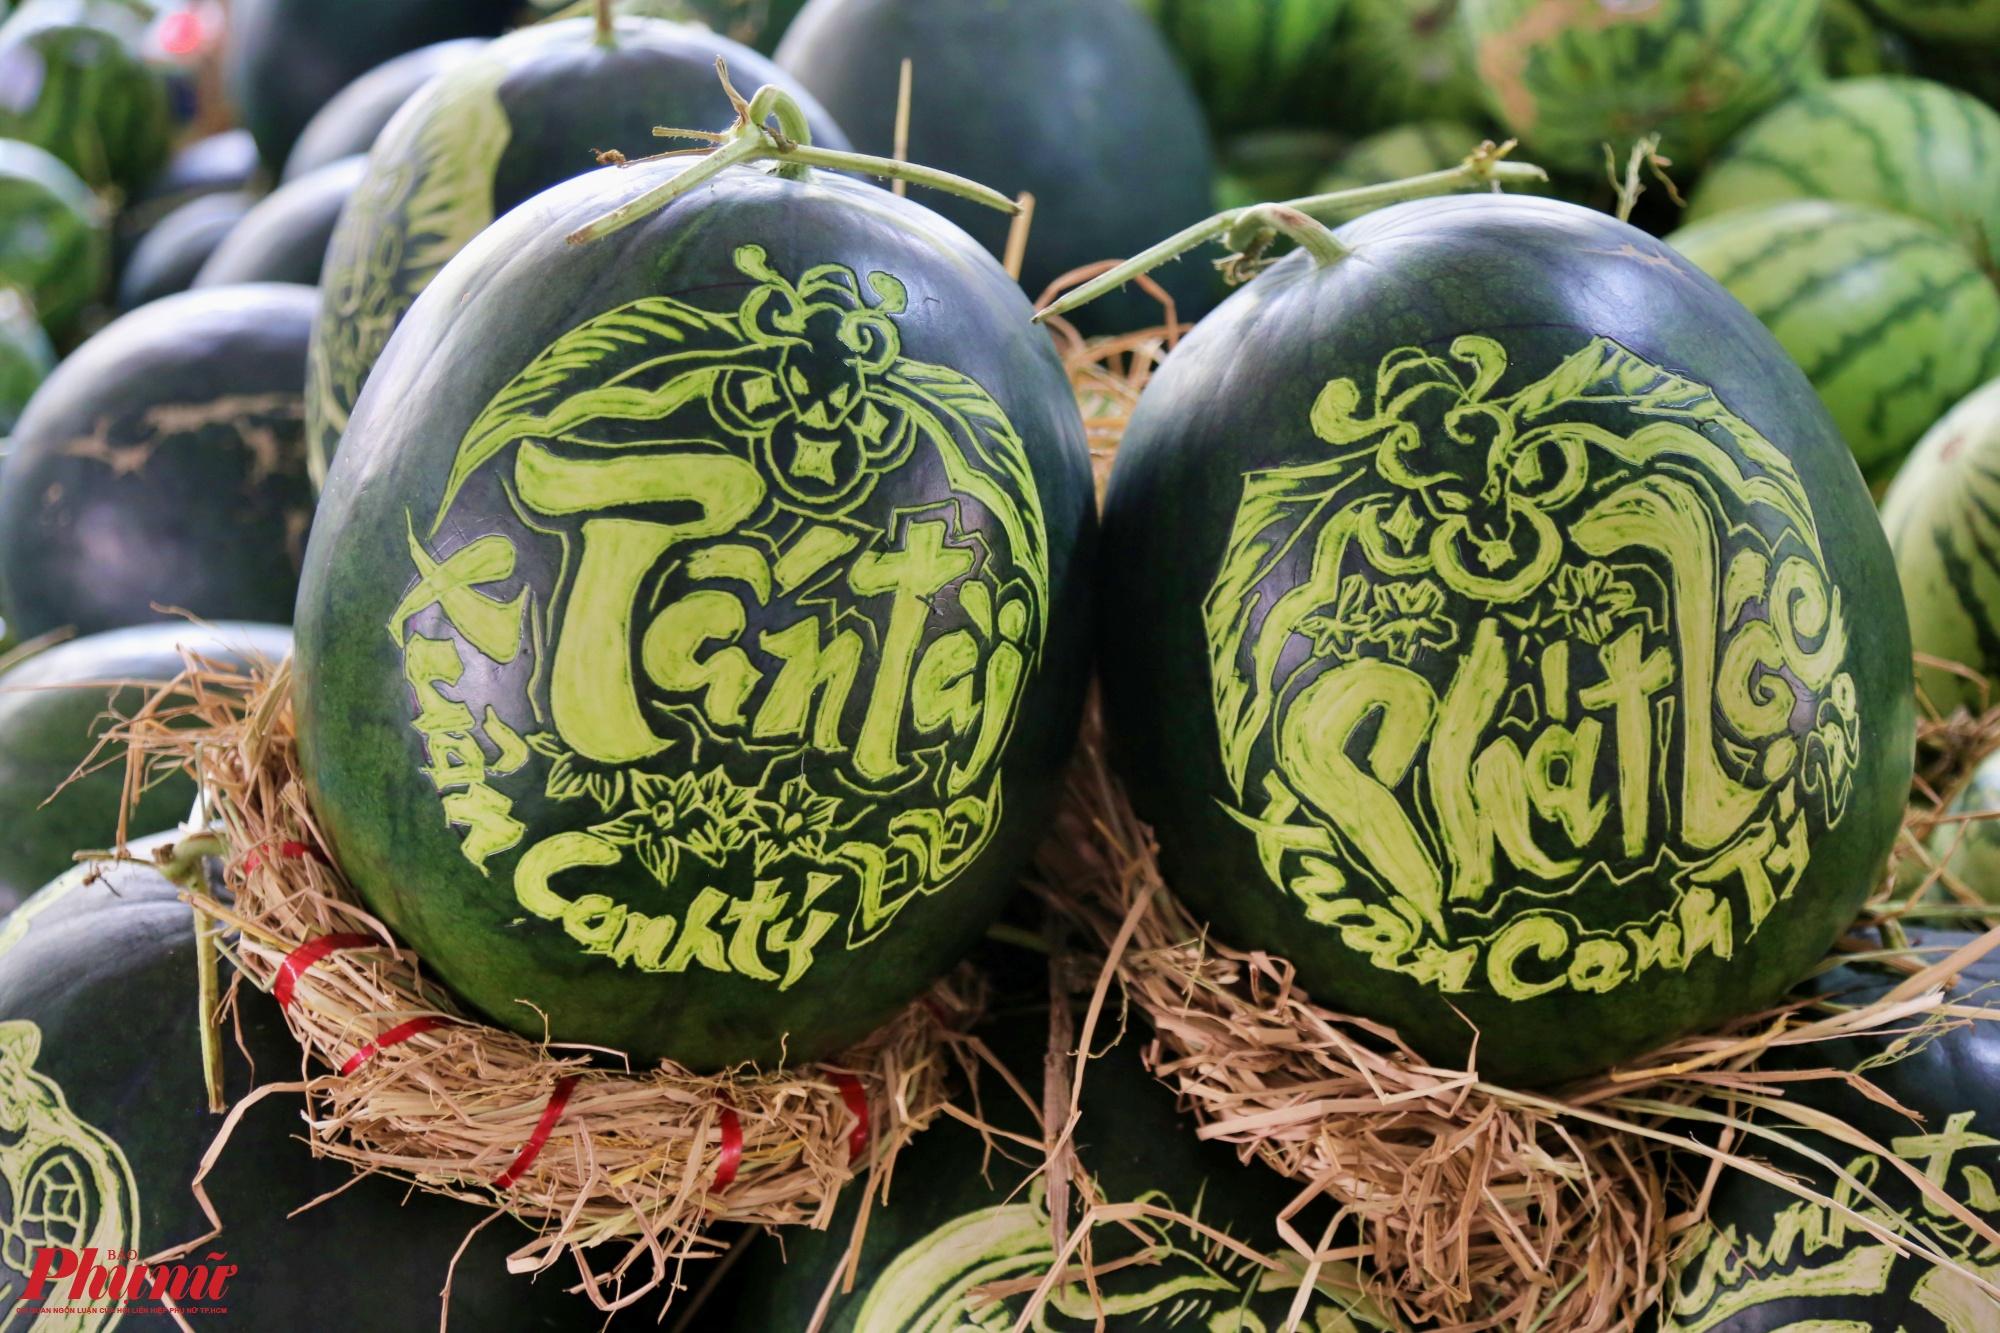 Một trái có giá trung bình từ 500 đến 600 ngàn đồng, tuỳ theo hình vẽ và kiểu dáng của mỗi trái dưa hấu khách nhau. Trong đó tiền công khoảng 150 ngàn đồng, còn mỗi trái dưa hấu tính khoảng 39 ngàn đồng/kg. Mỗi cặp dao động khoảng 1 triệu đồng